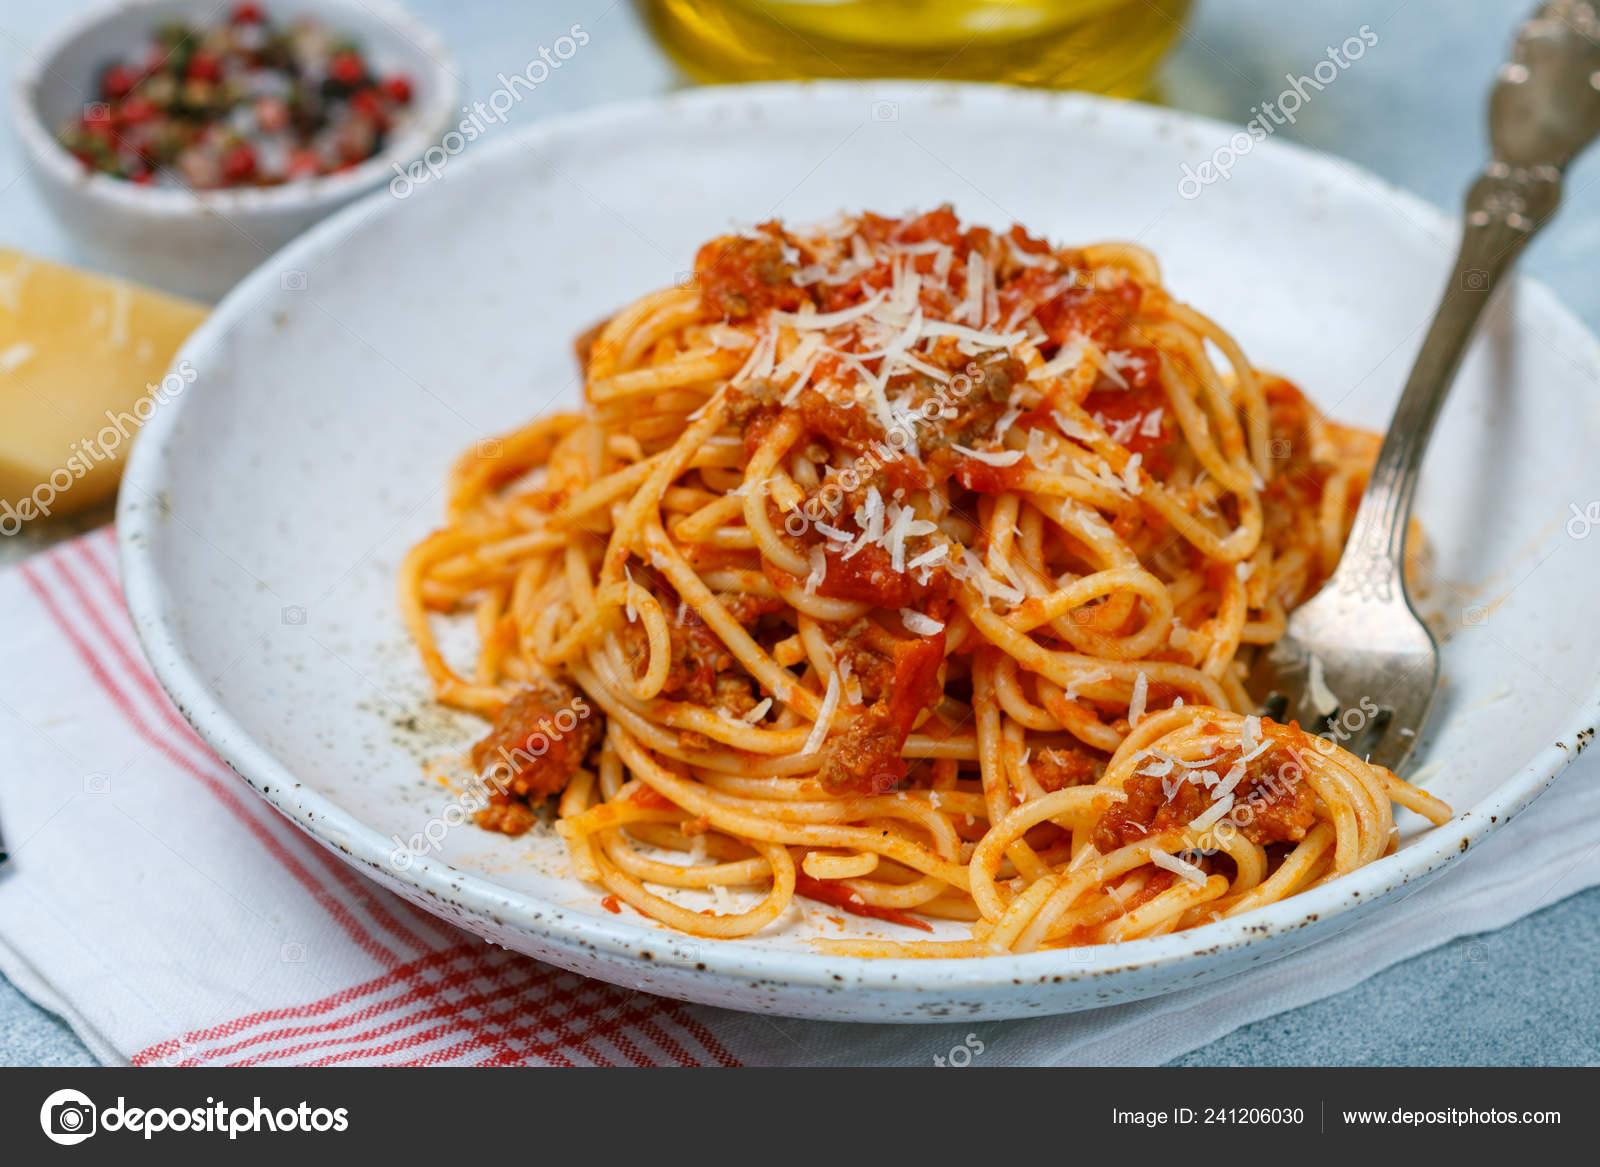 Nudeln Mit Tomatensauce Fleisch Kase Und Gewurzen Mittagessen Oder Abendessen Stockfoto C La Vanda 241206030